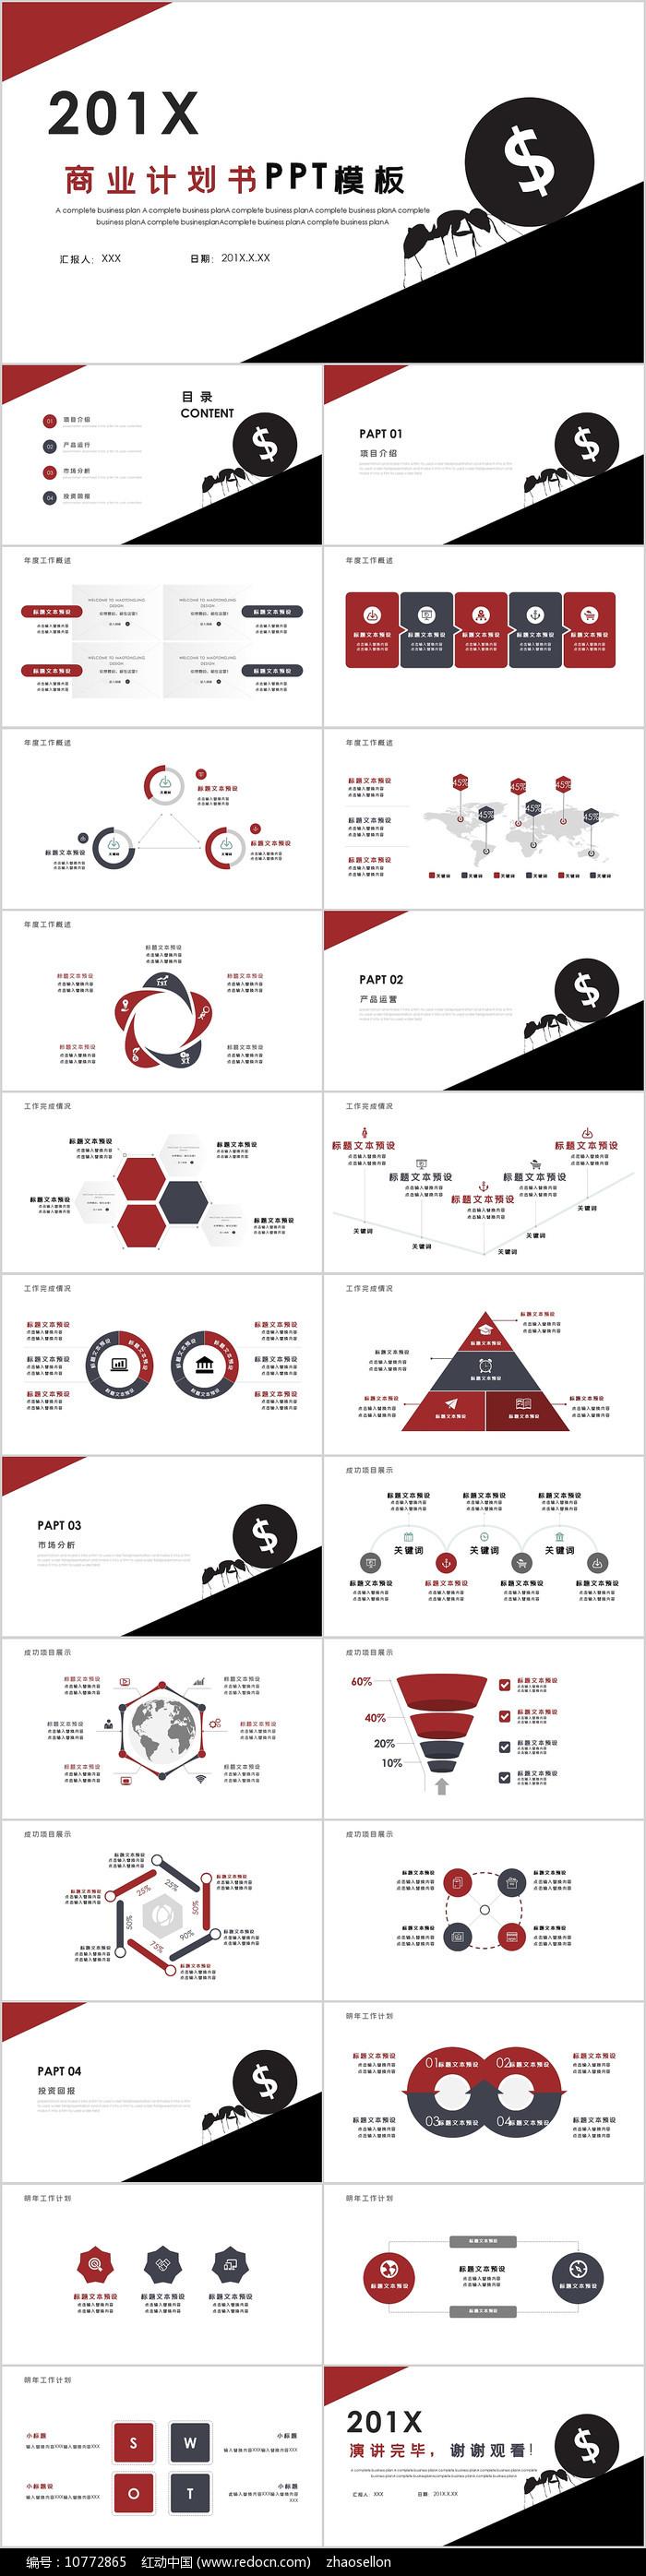 商业计划书融资计划PPT模板图片